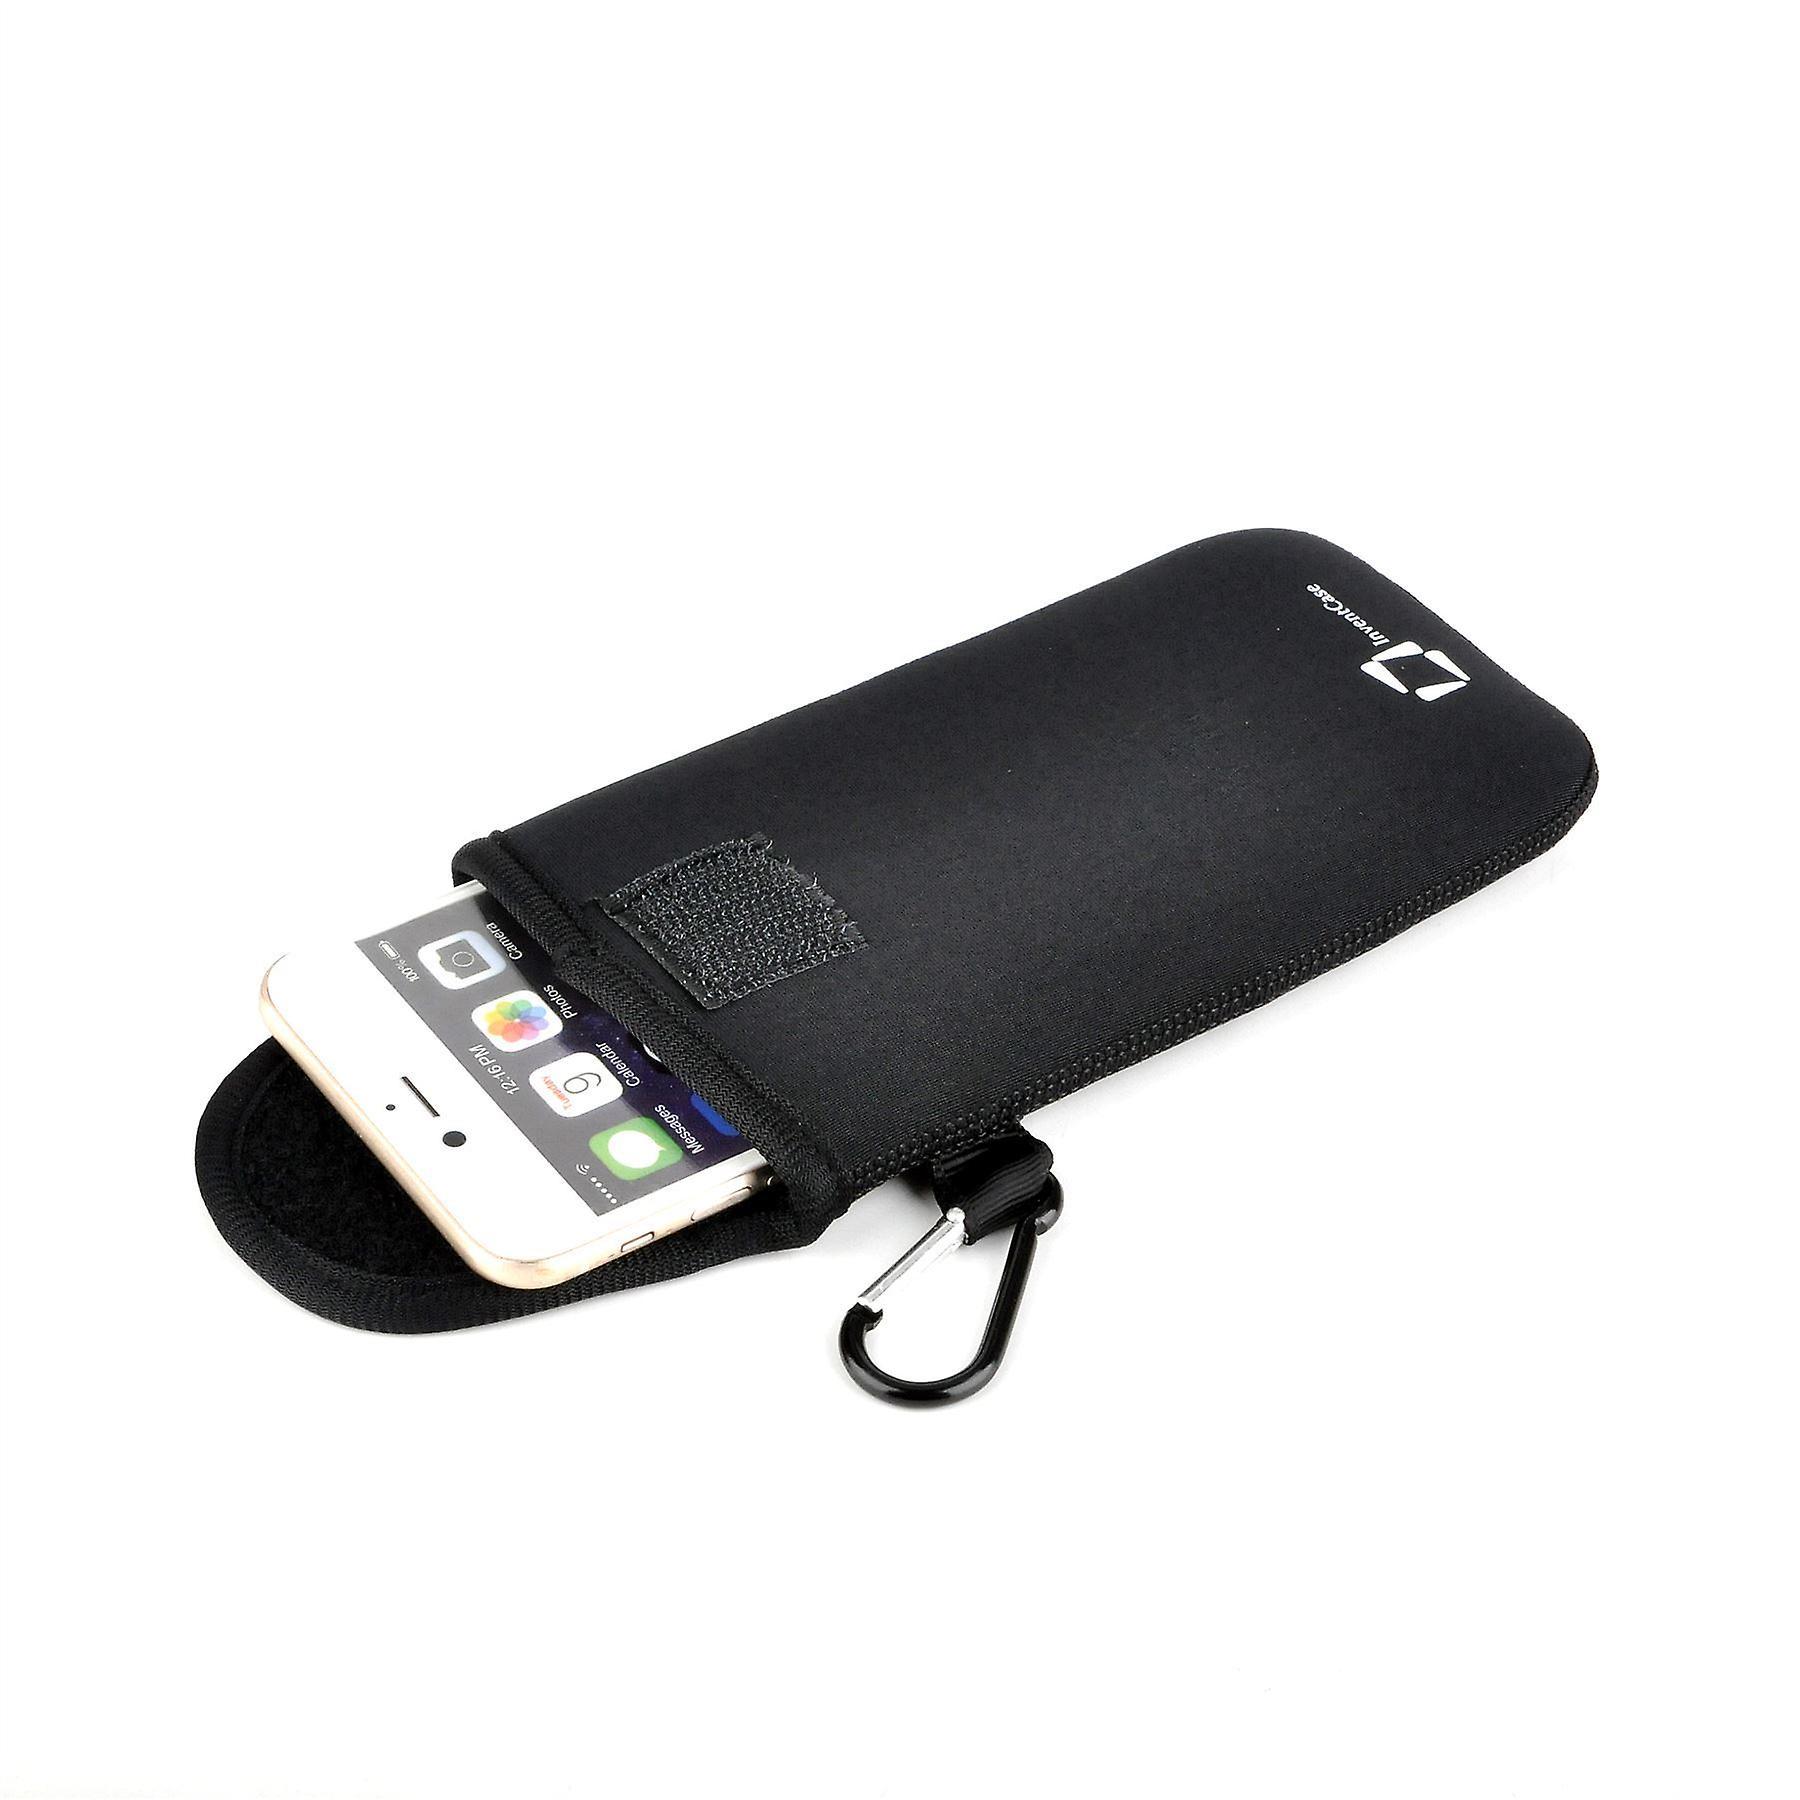 كيس تغطية القضية الحقيبة واقية مقاومة لتأثير النيوبرين إينفينتكاسي مع إغلاق Velcro والألمنيوم Carabiner جي فولت--الأسود